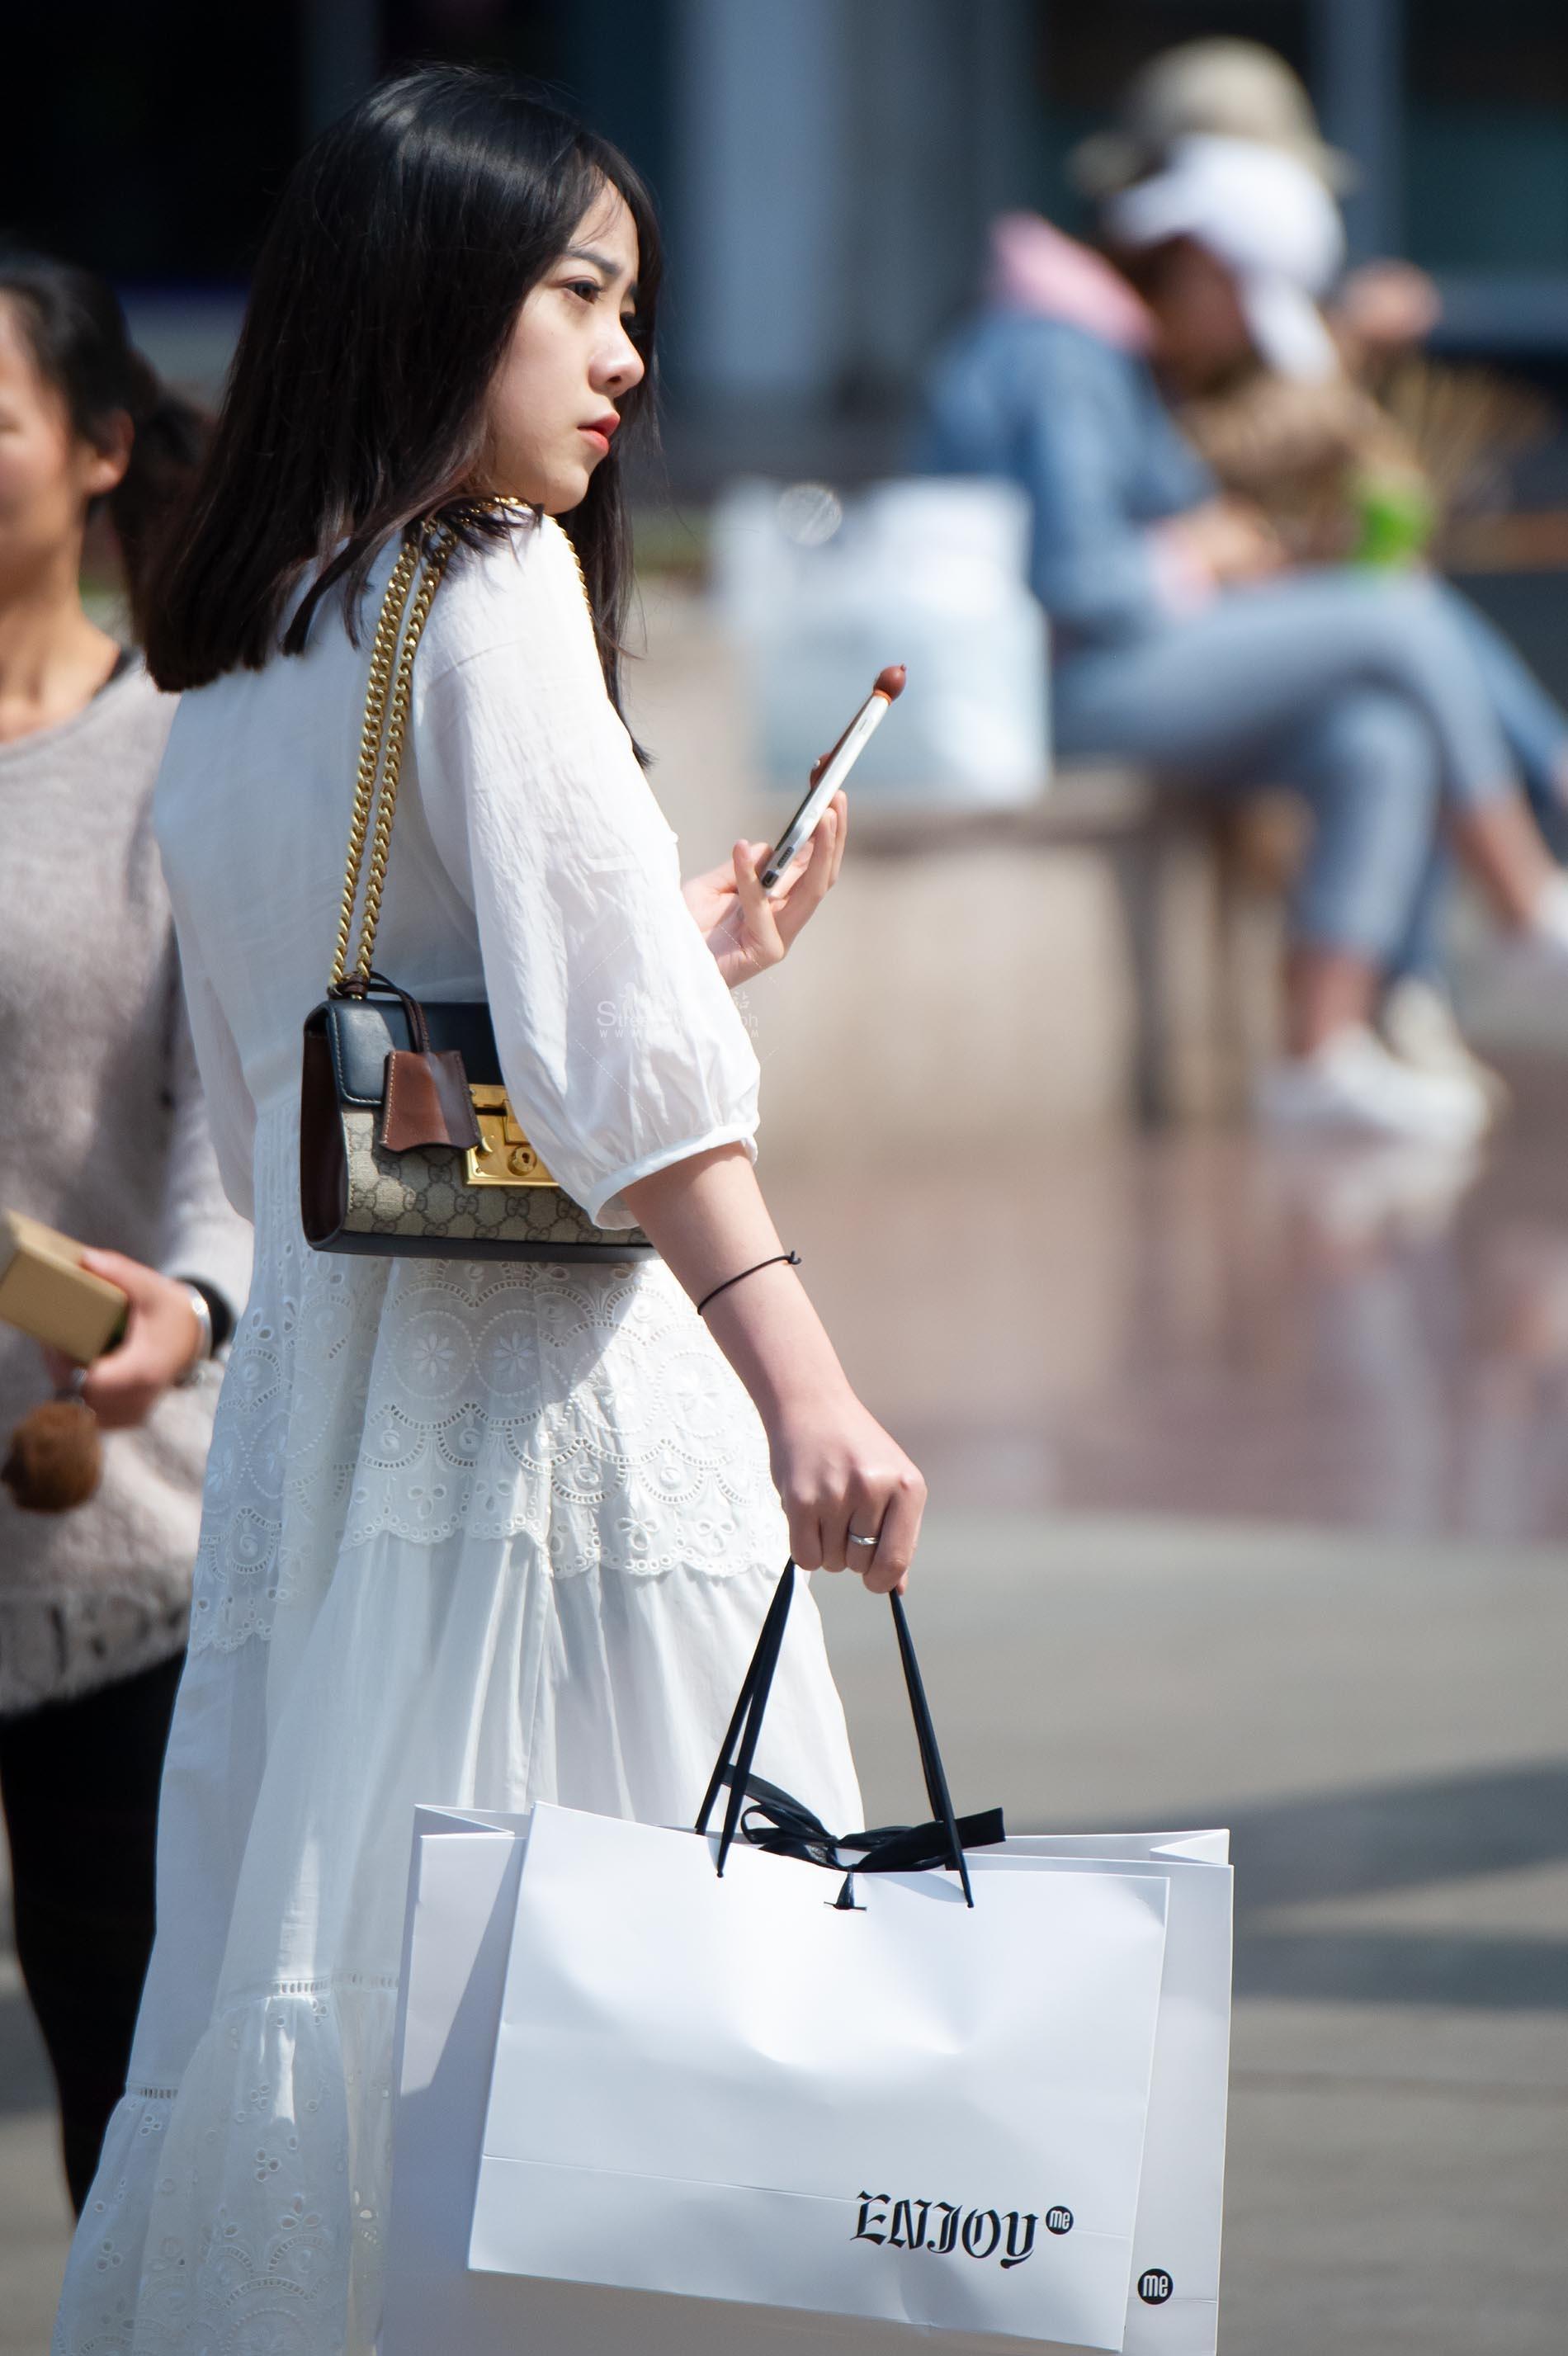 【原创】美丽可爱的白裙妹纸【11P】 最新街拍丝袜图片 街拍丝袜第一站